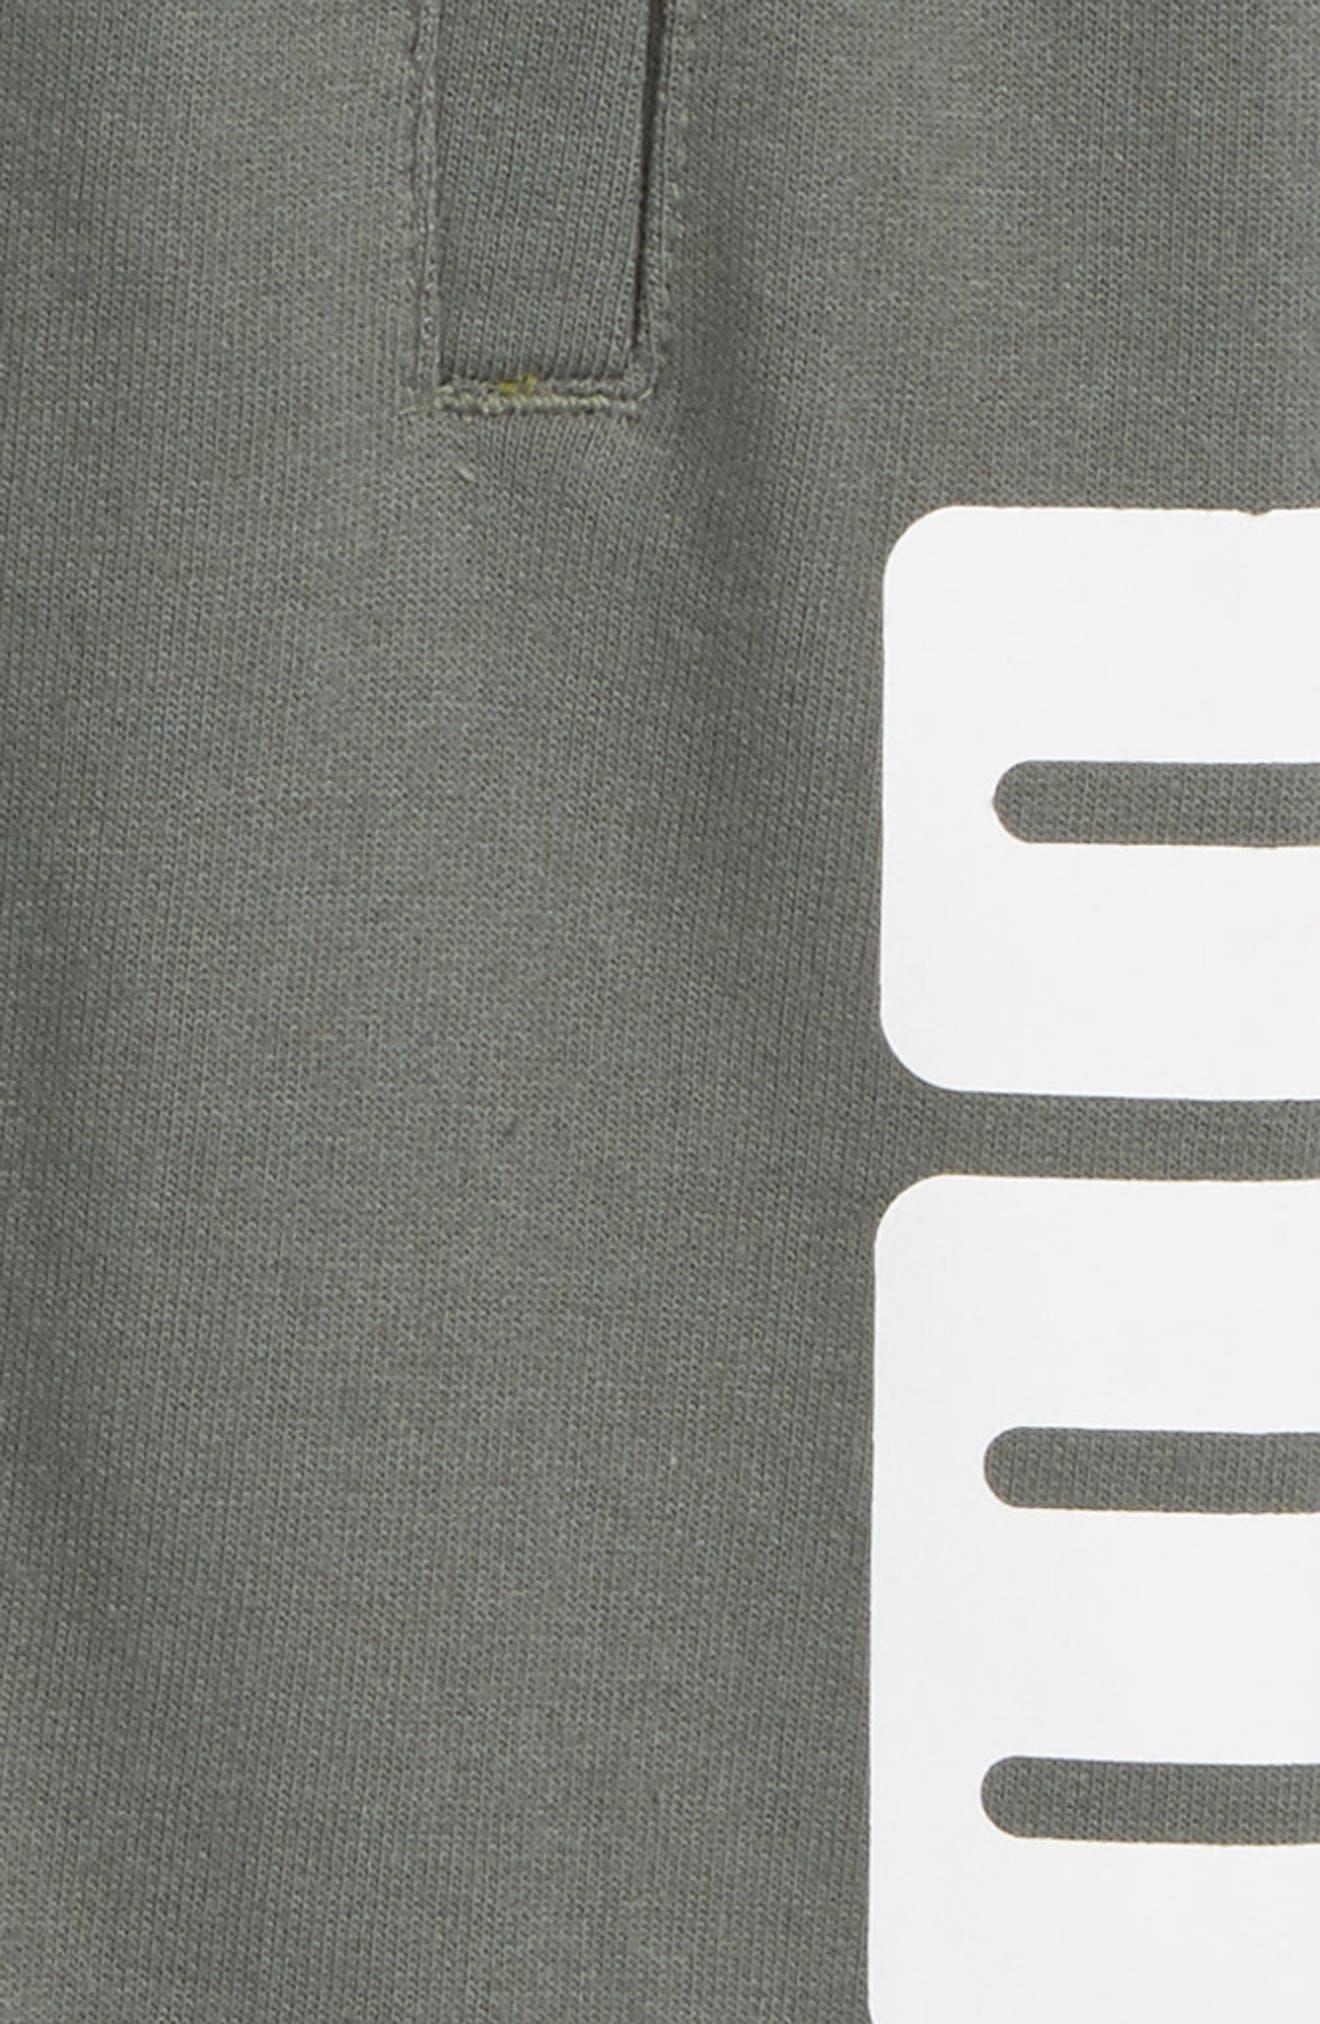 Rebel Knit Shorts,                             Alternate thumbnail 4, color,